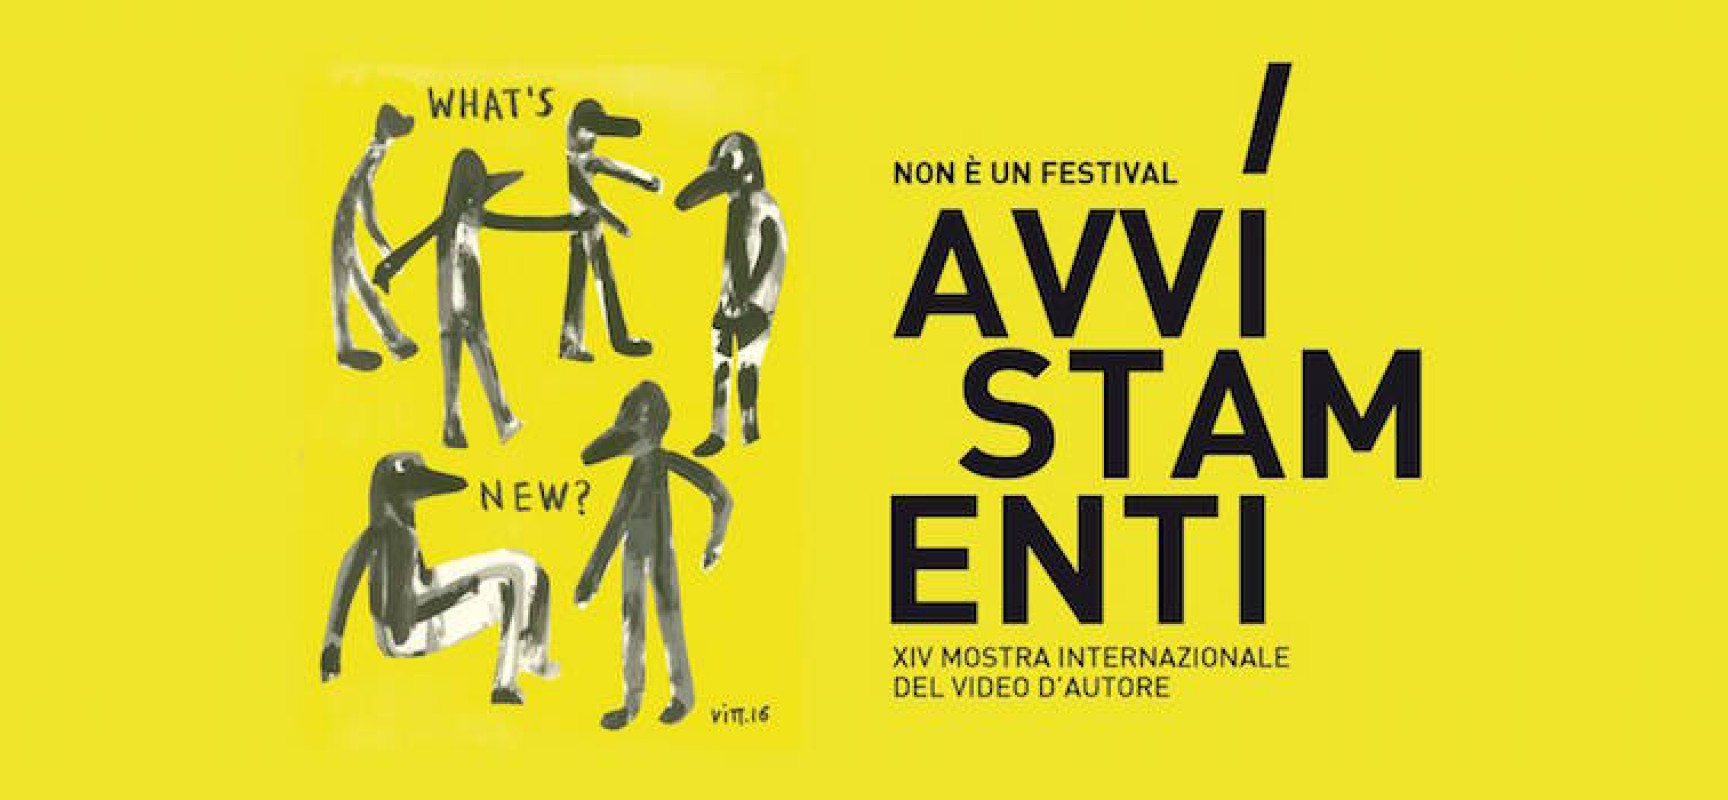 Avvistamenti: il 27 prende il via la quattordicesima edizione della Mostra del Video d'Autore